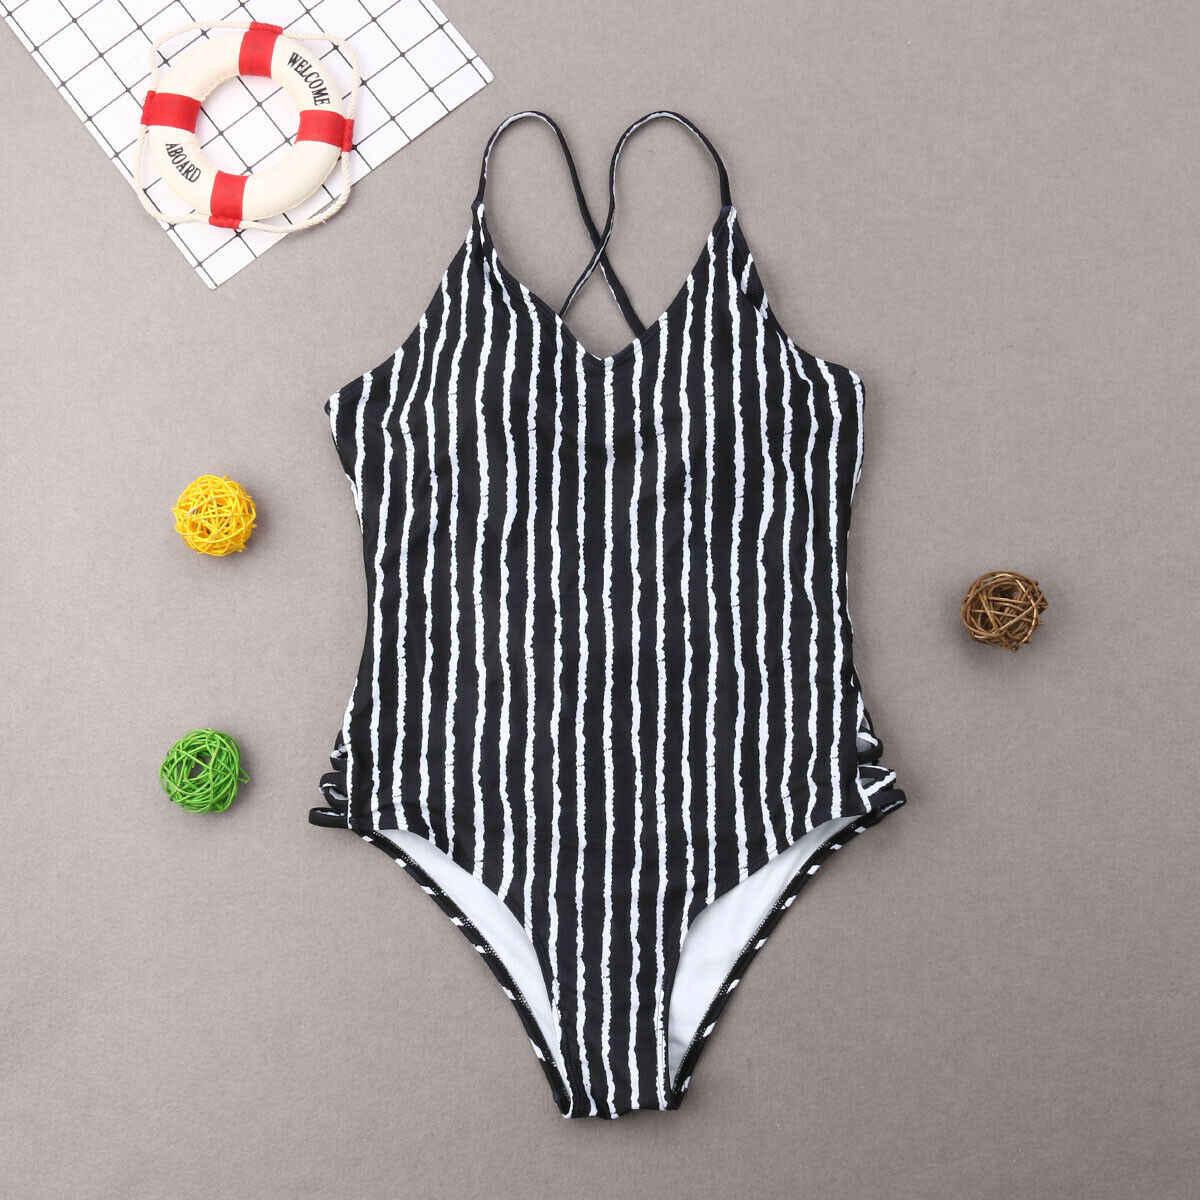 Nuevo Bikini 2019 traje de baño a juego de la familia madre hija Padre hijo a juego chico una pieza traje de baño a rayas hombres troncos